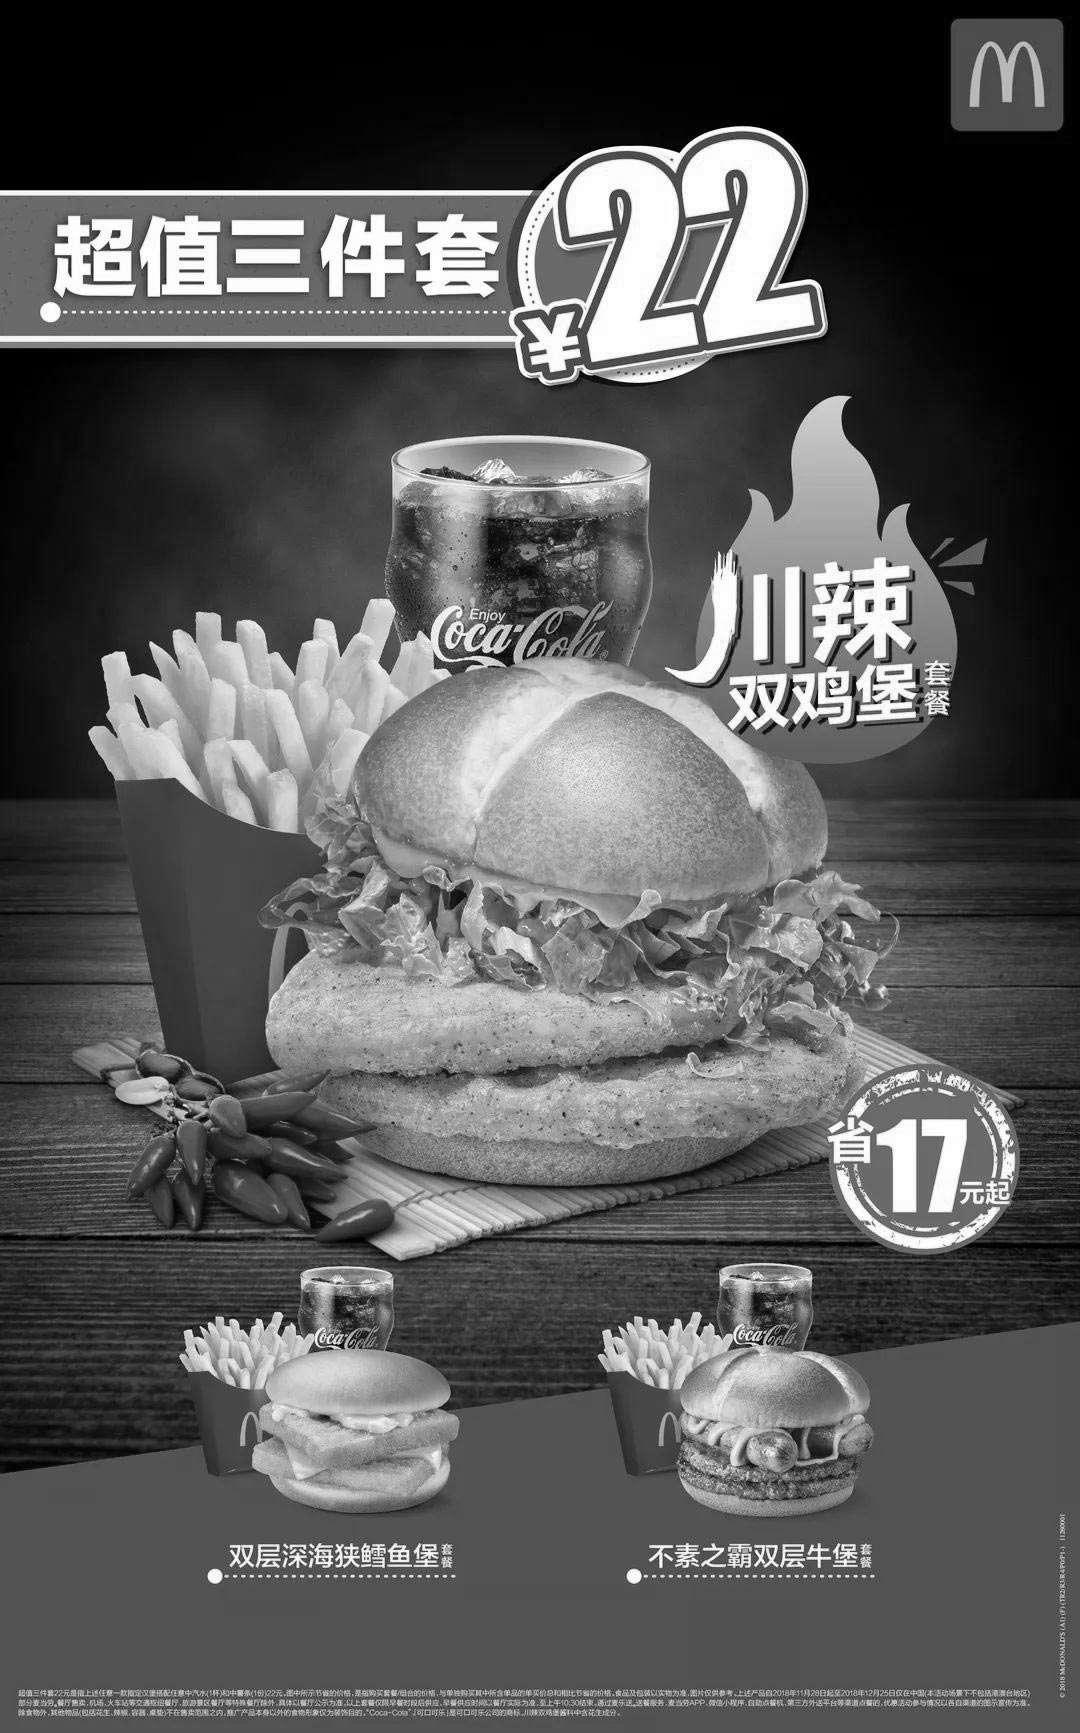 黑白麦当劳优惠券:麦当劳地道川辣套餐,汉堡薯条可乐超值三件套22元优惠继续